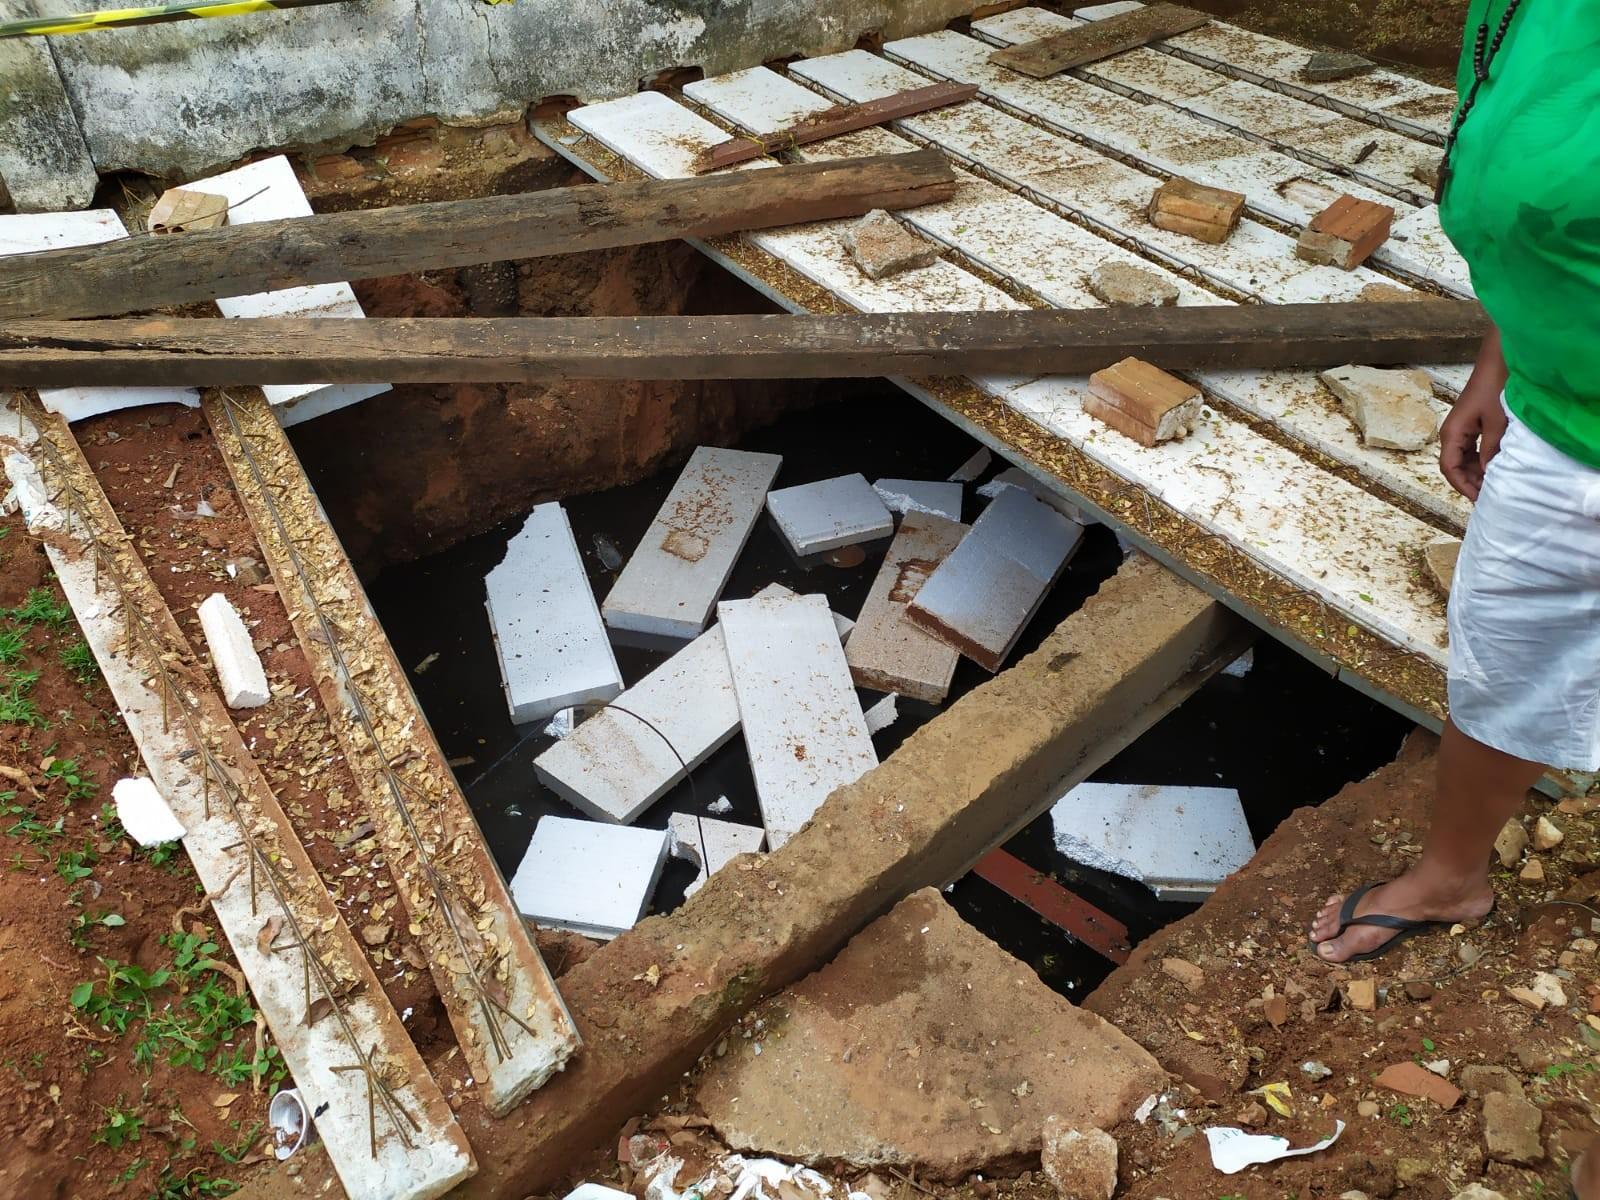 Mulher surda e muda morre ao cair dentro de fossa em Ouro Preto, RO - Notícias - Plantão Diário